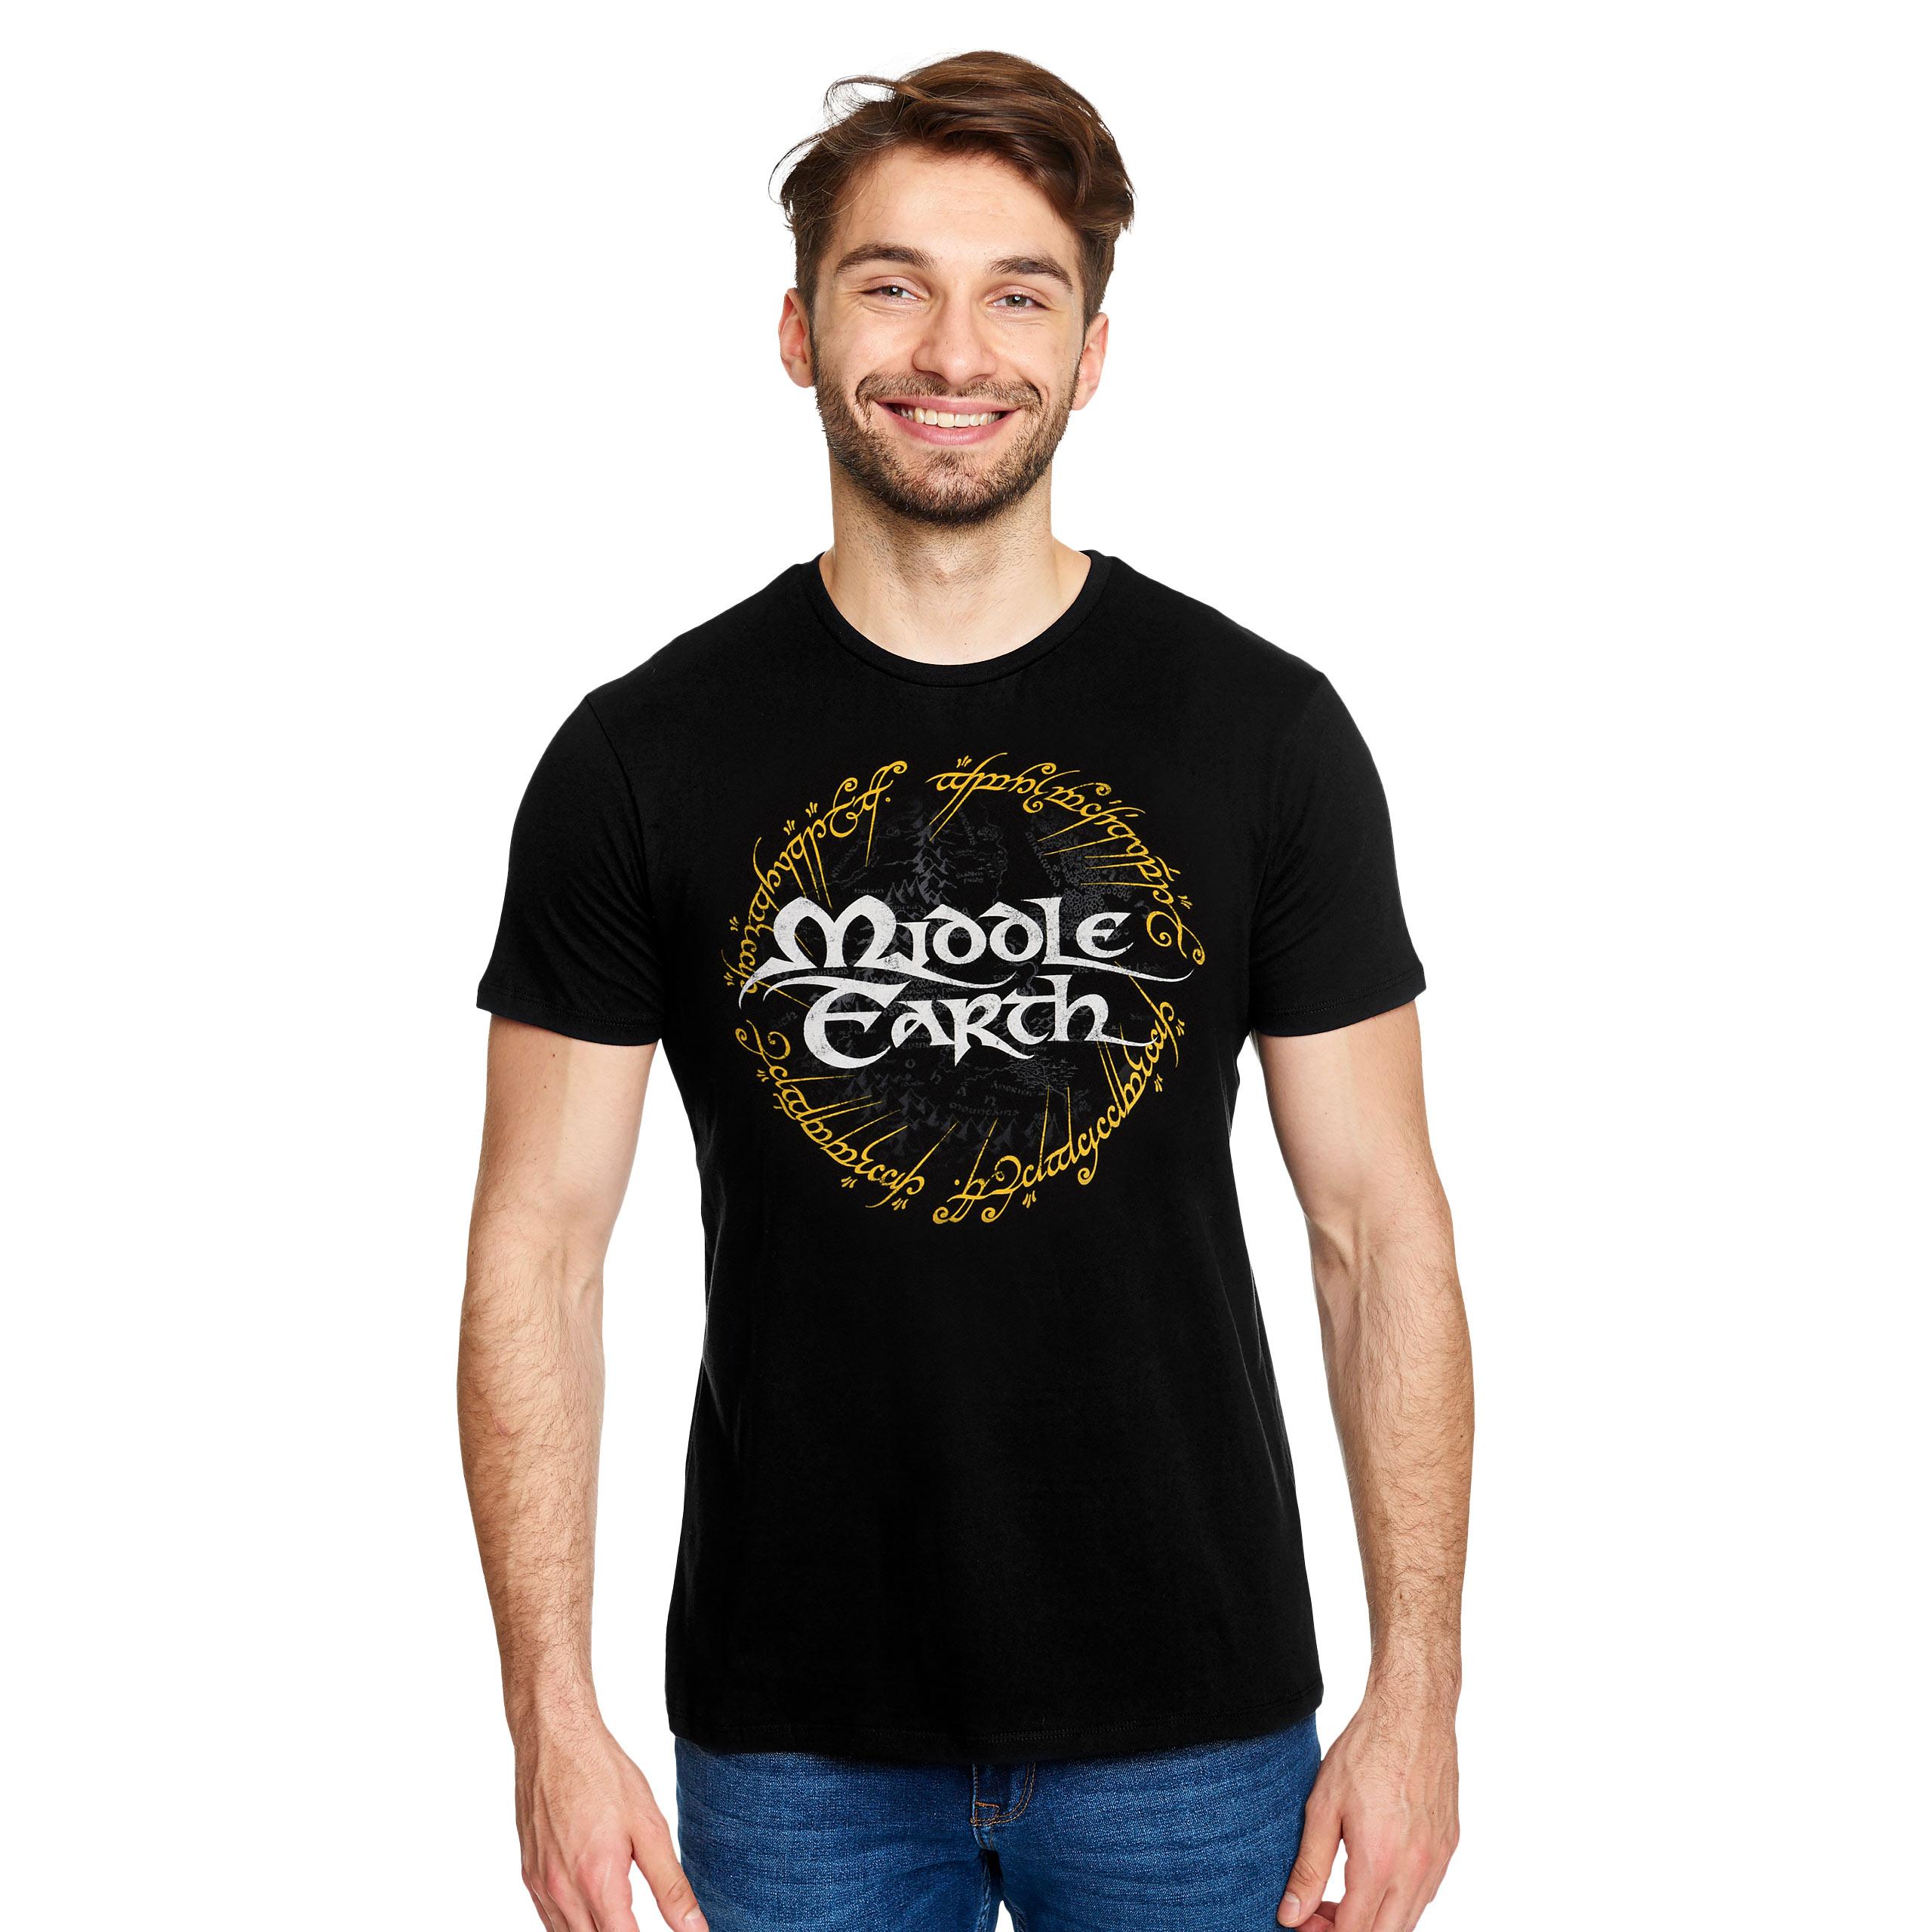 Herr der Ringe - Mittelerde T-Shirt schwarz